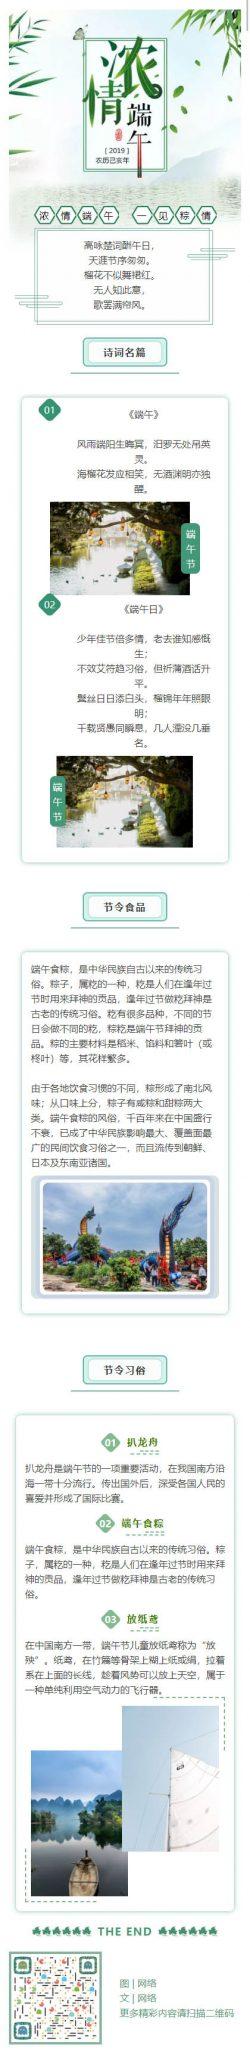 微信端午节公众号推送素材模板中国传统节日绿色风格推文